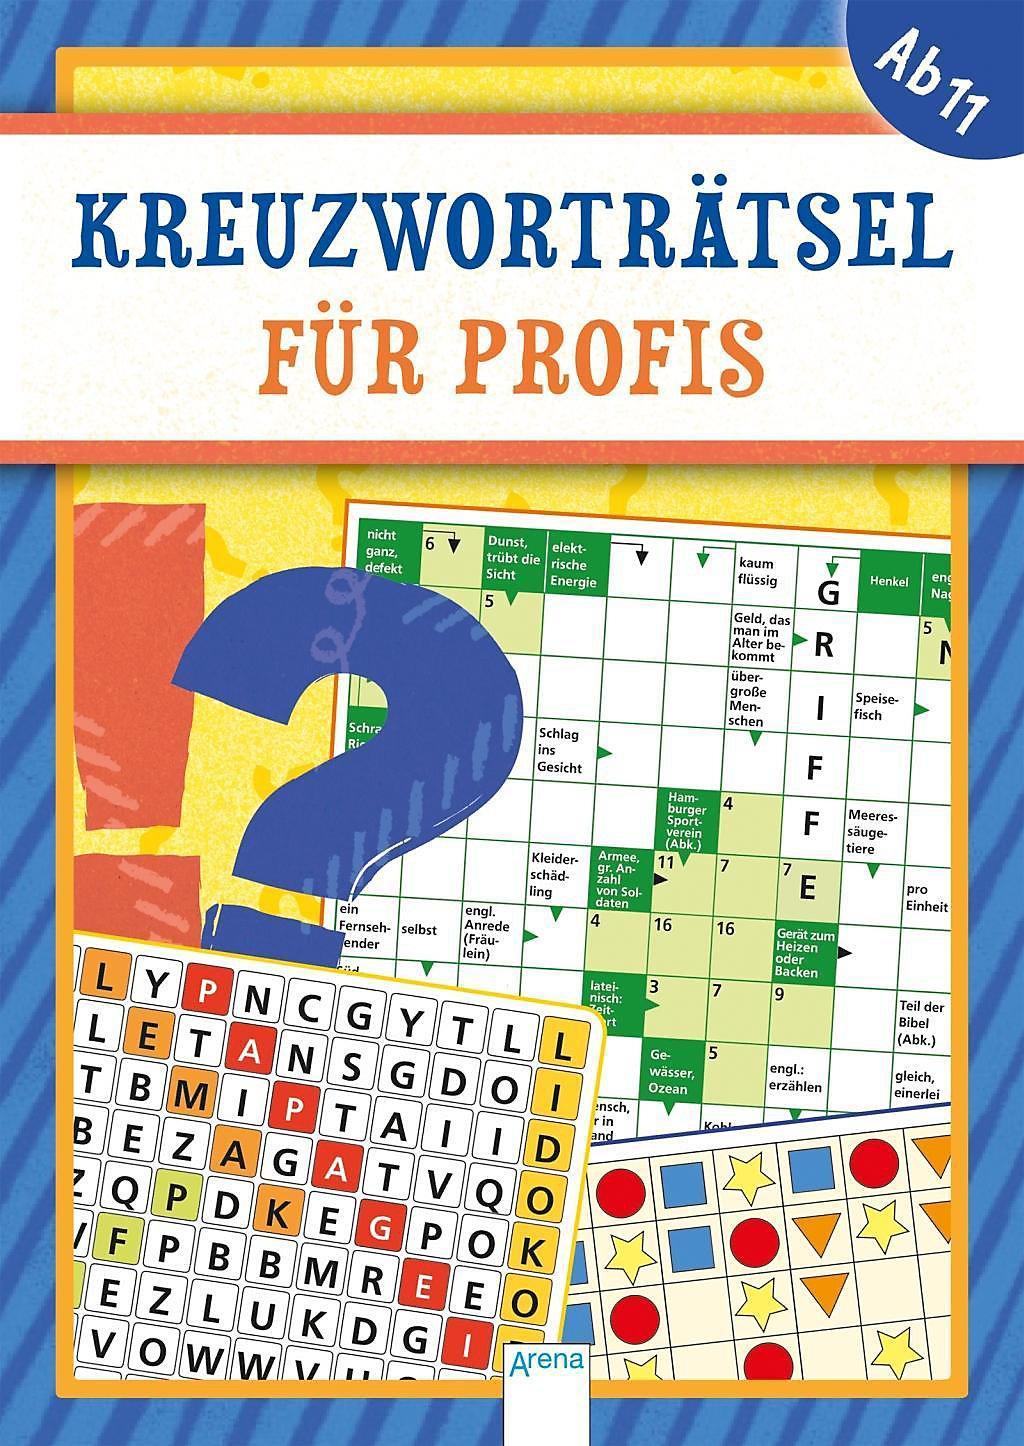 Kissenhülle Kreuzworträtsel.Kreuzwortratsel Fur Profis Buch Von Deike Versandkostenfrei